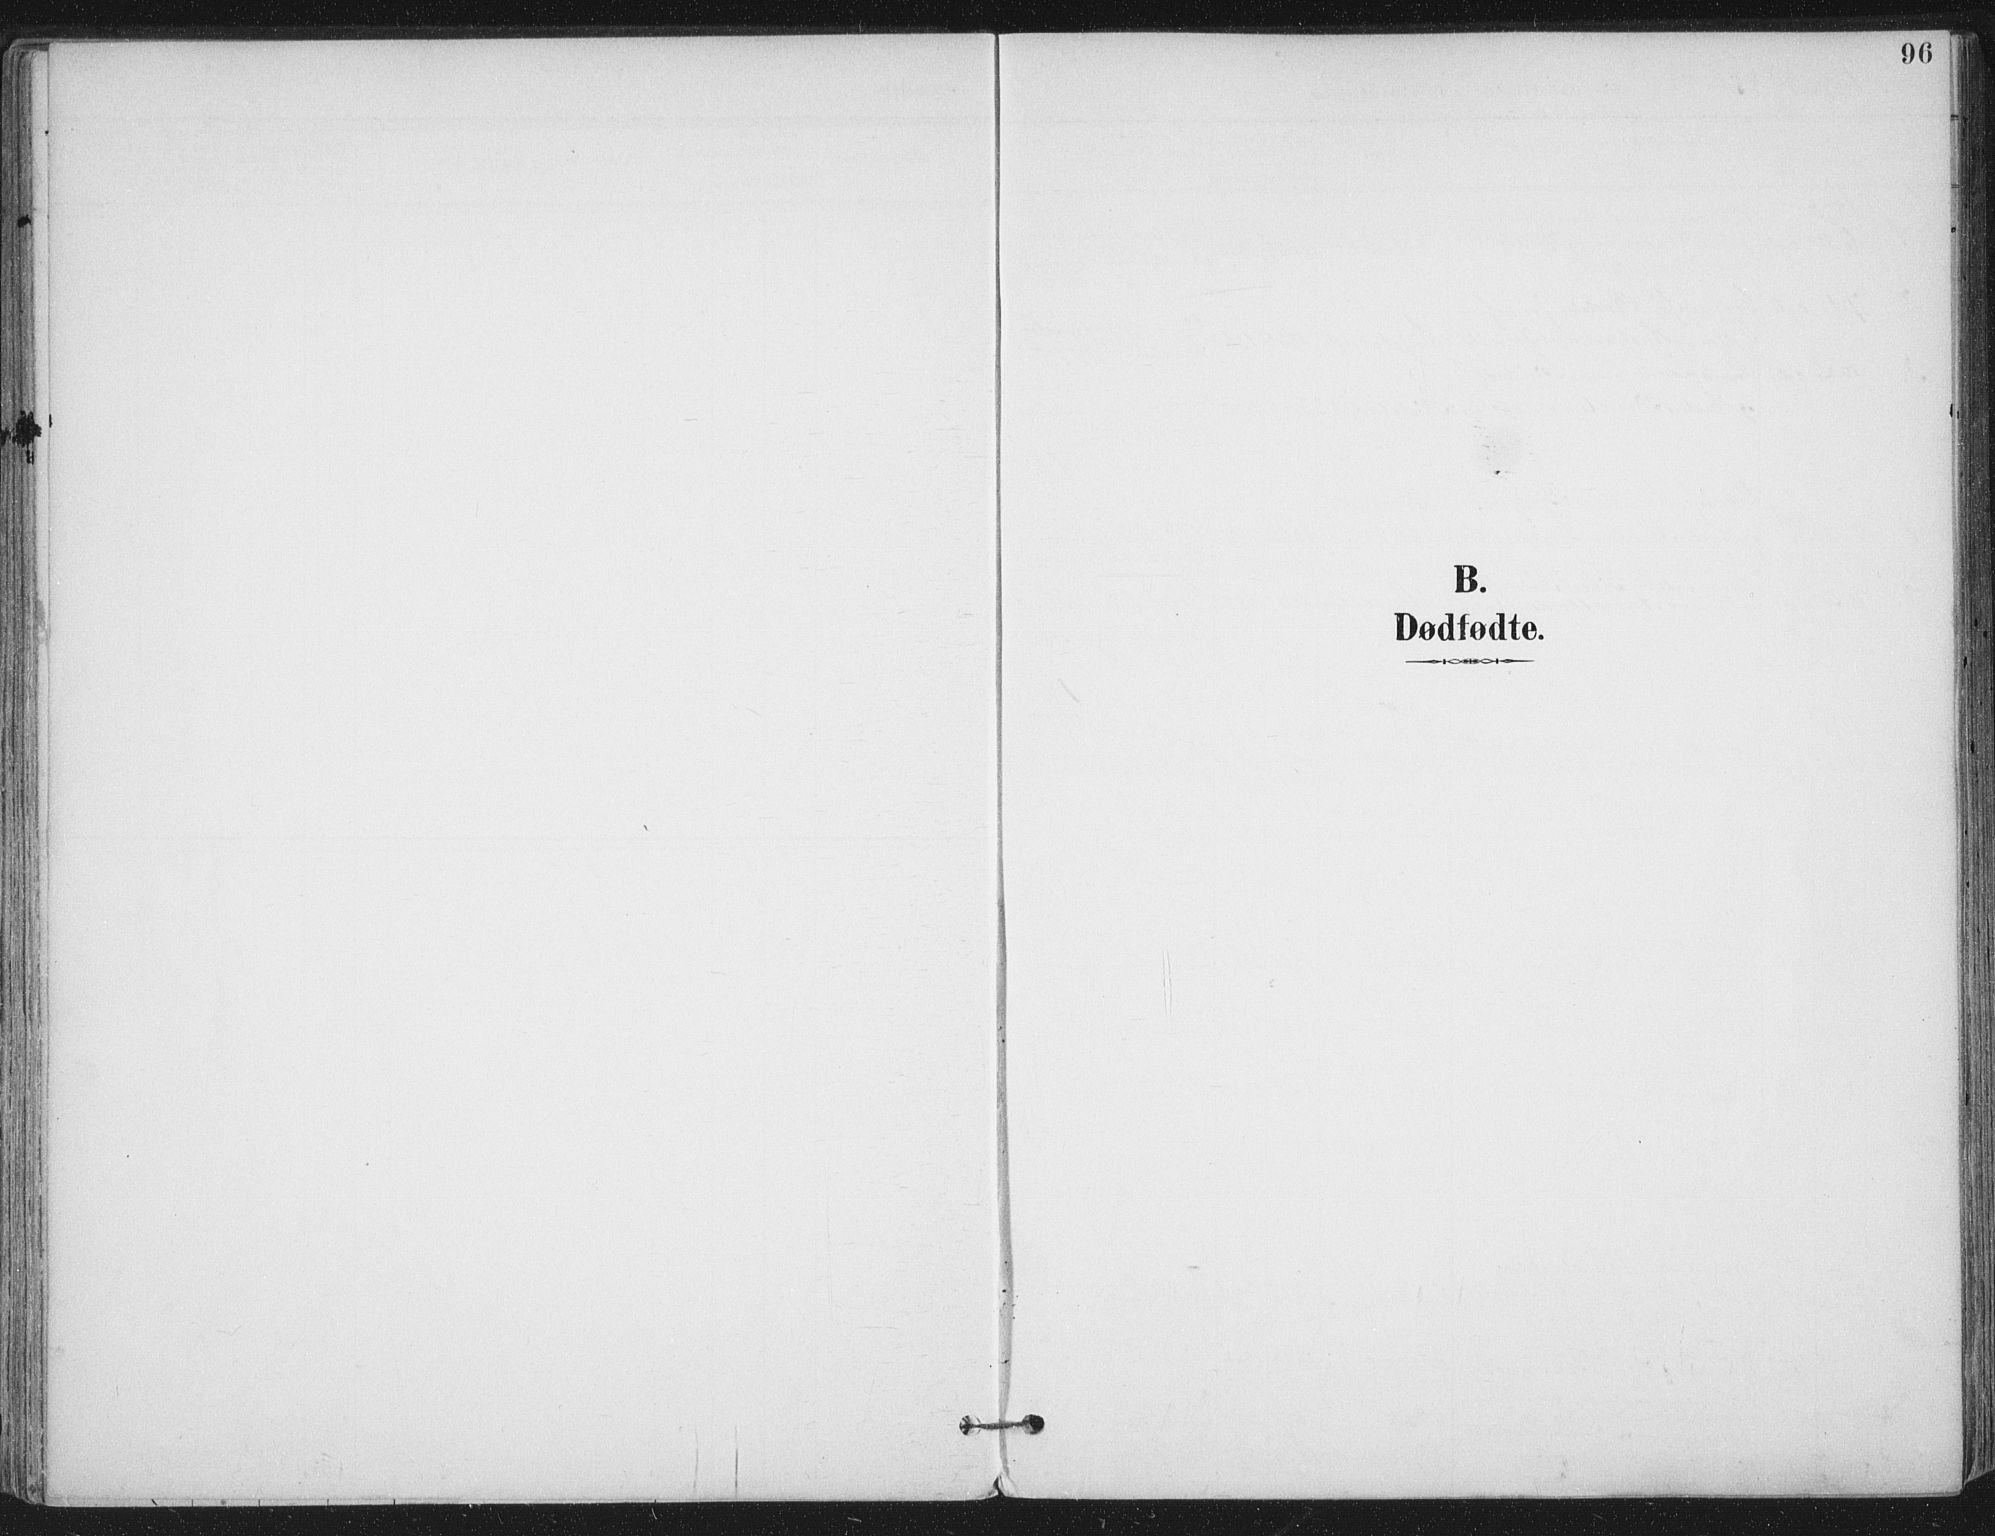 SAT, Ministerialprotokoller, klokkerbøker og fødselsregistre - Nord-Trøndelag, 703/L0031: Ministerialbok nr. 703A04, 1893-1914, s. 96